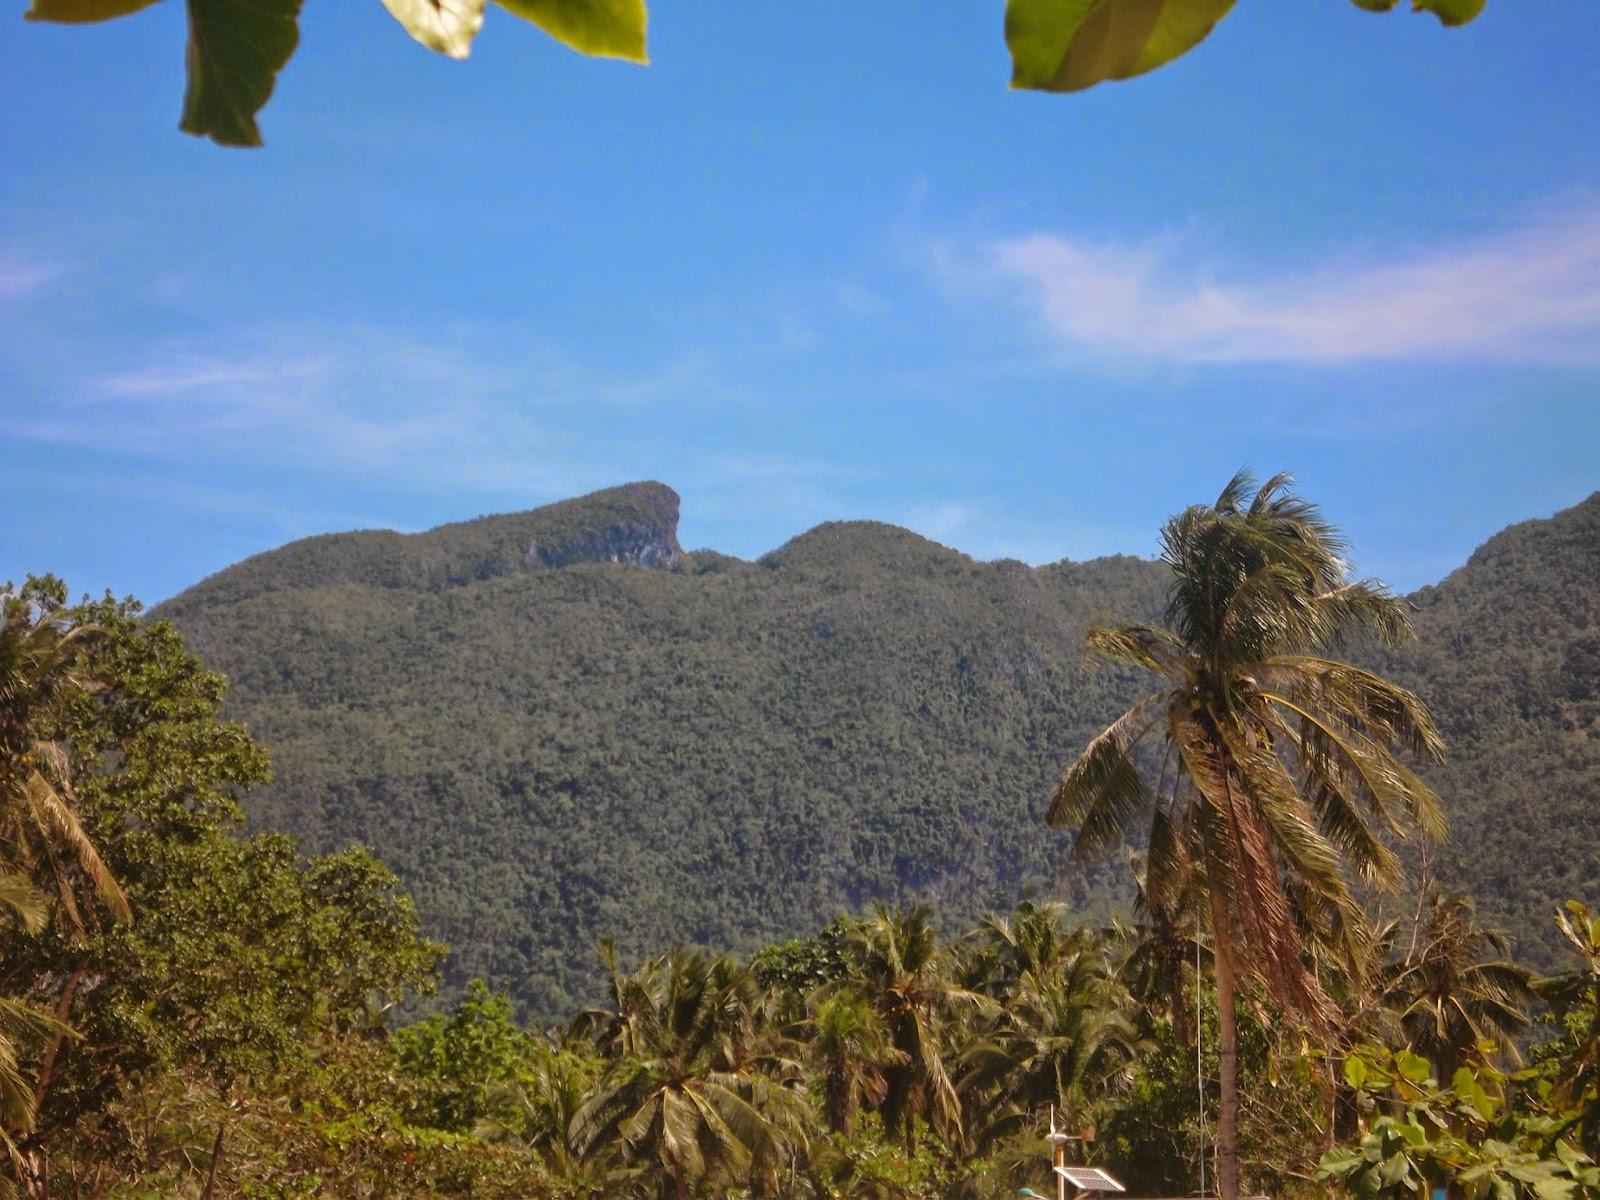 Puerto Prinsesa Palawan